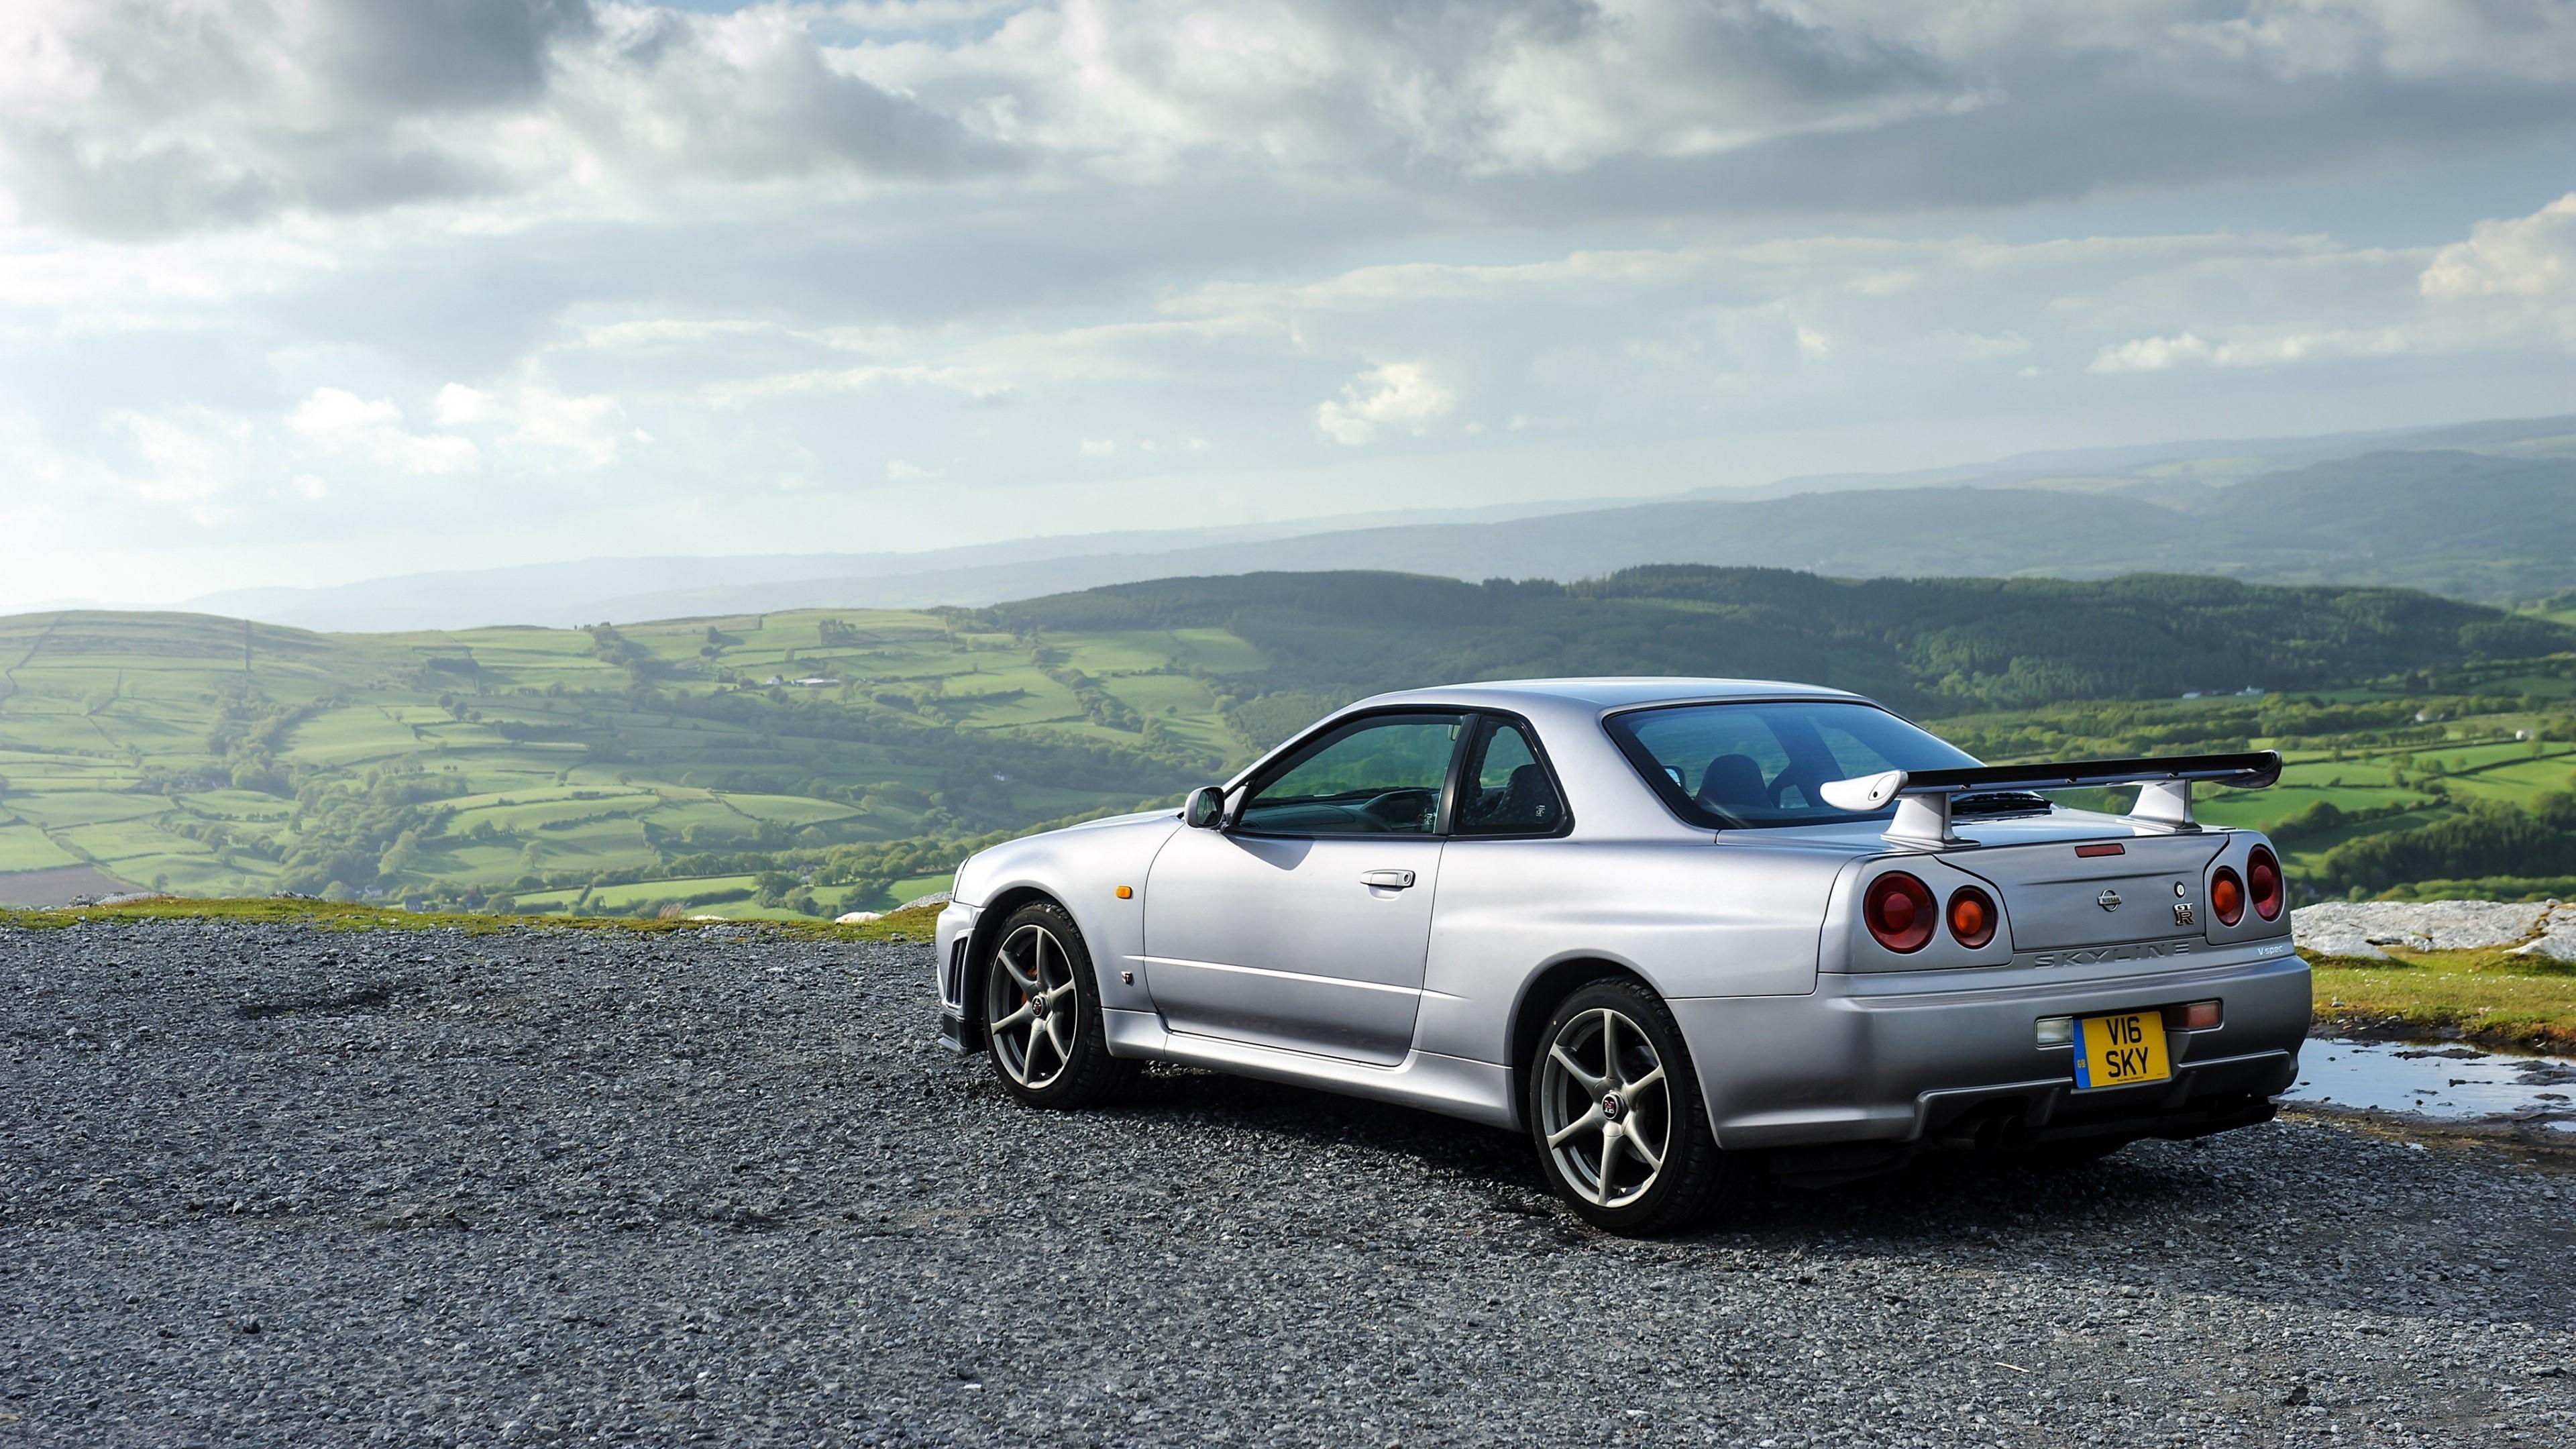 Nissan Skyline Gt R 4k Ultra Papel De Parede Hd Plano De Fundo 3840x2160 Id 1080586 Wallpaper Abyss